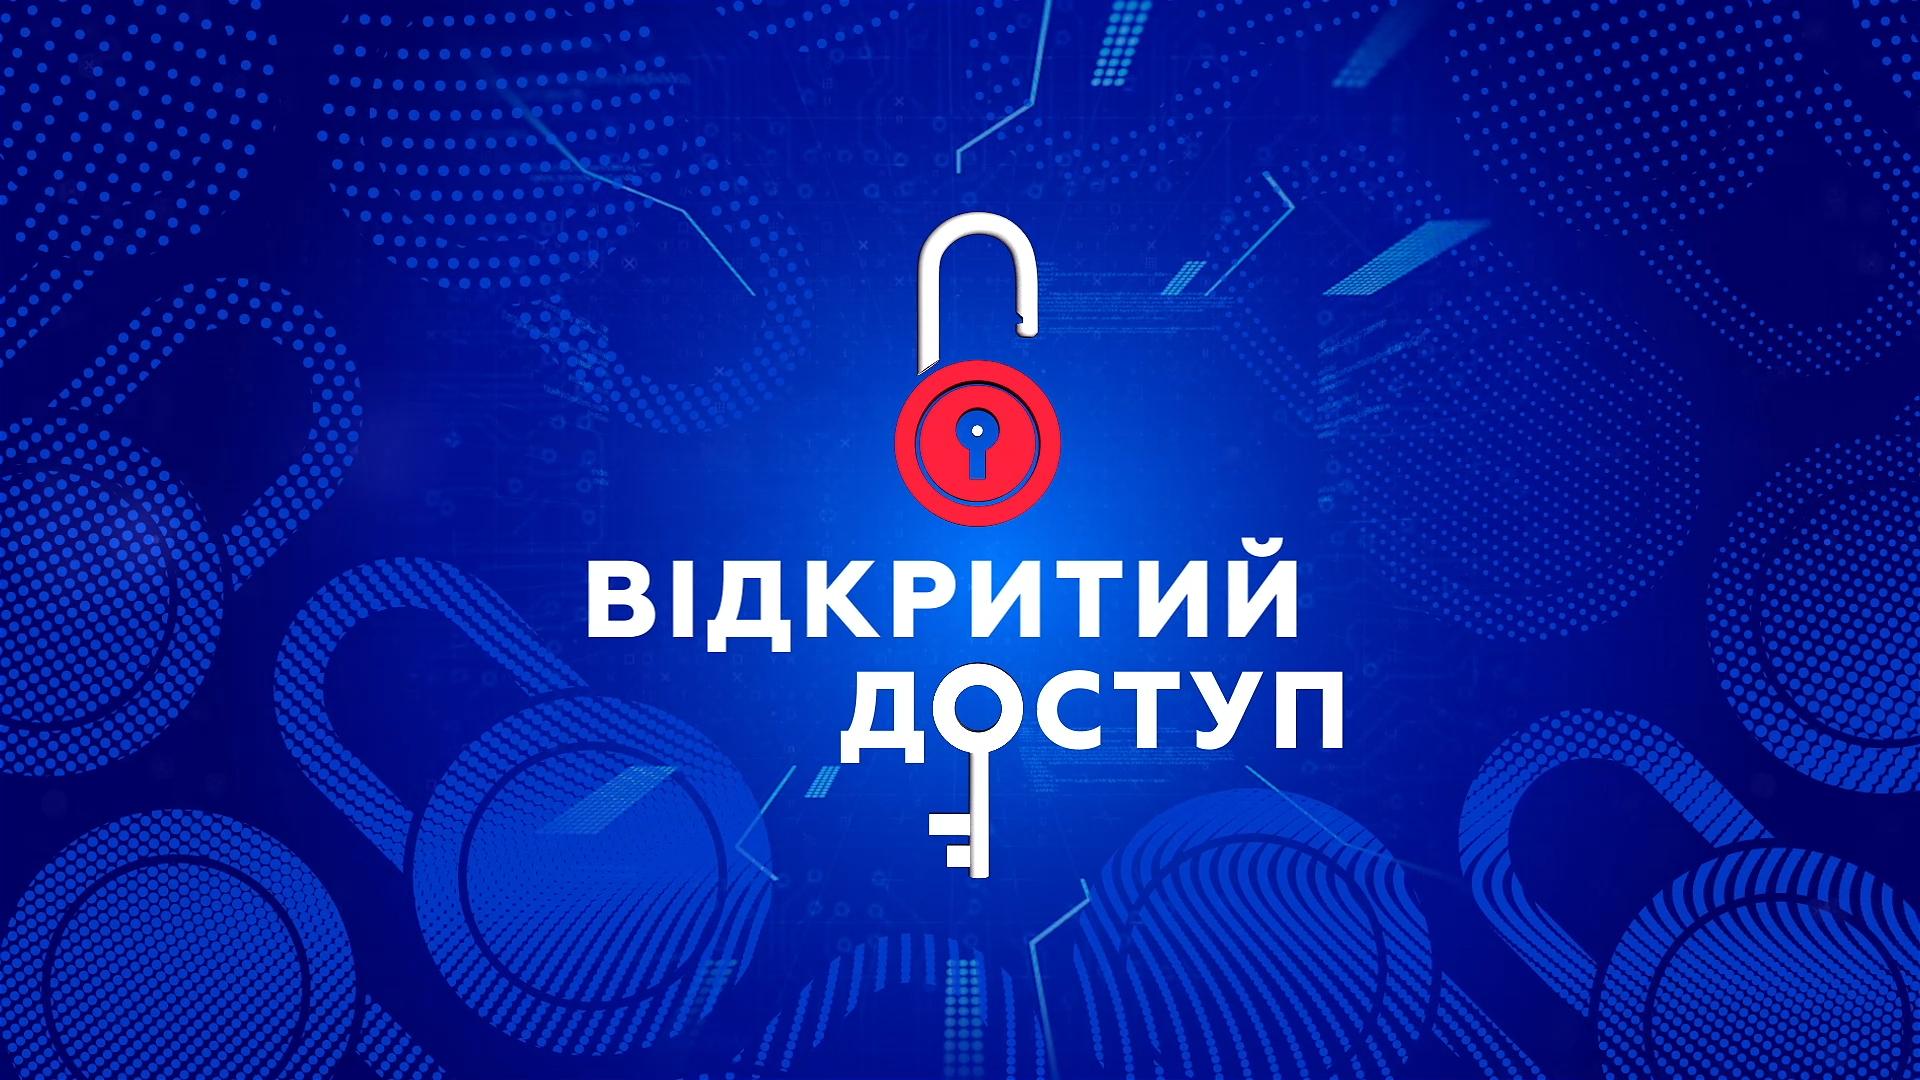 Програма «Відкритий доступ»